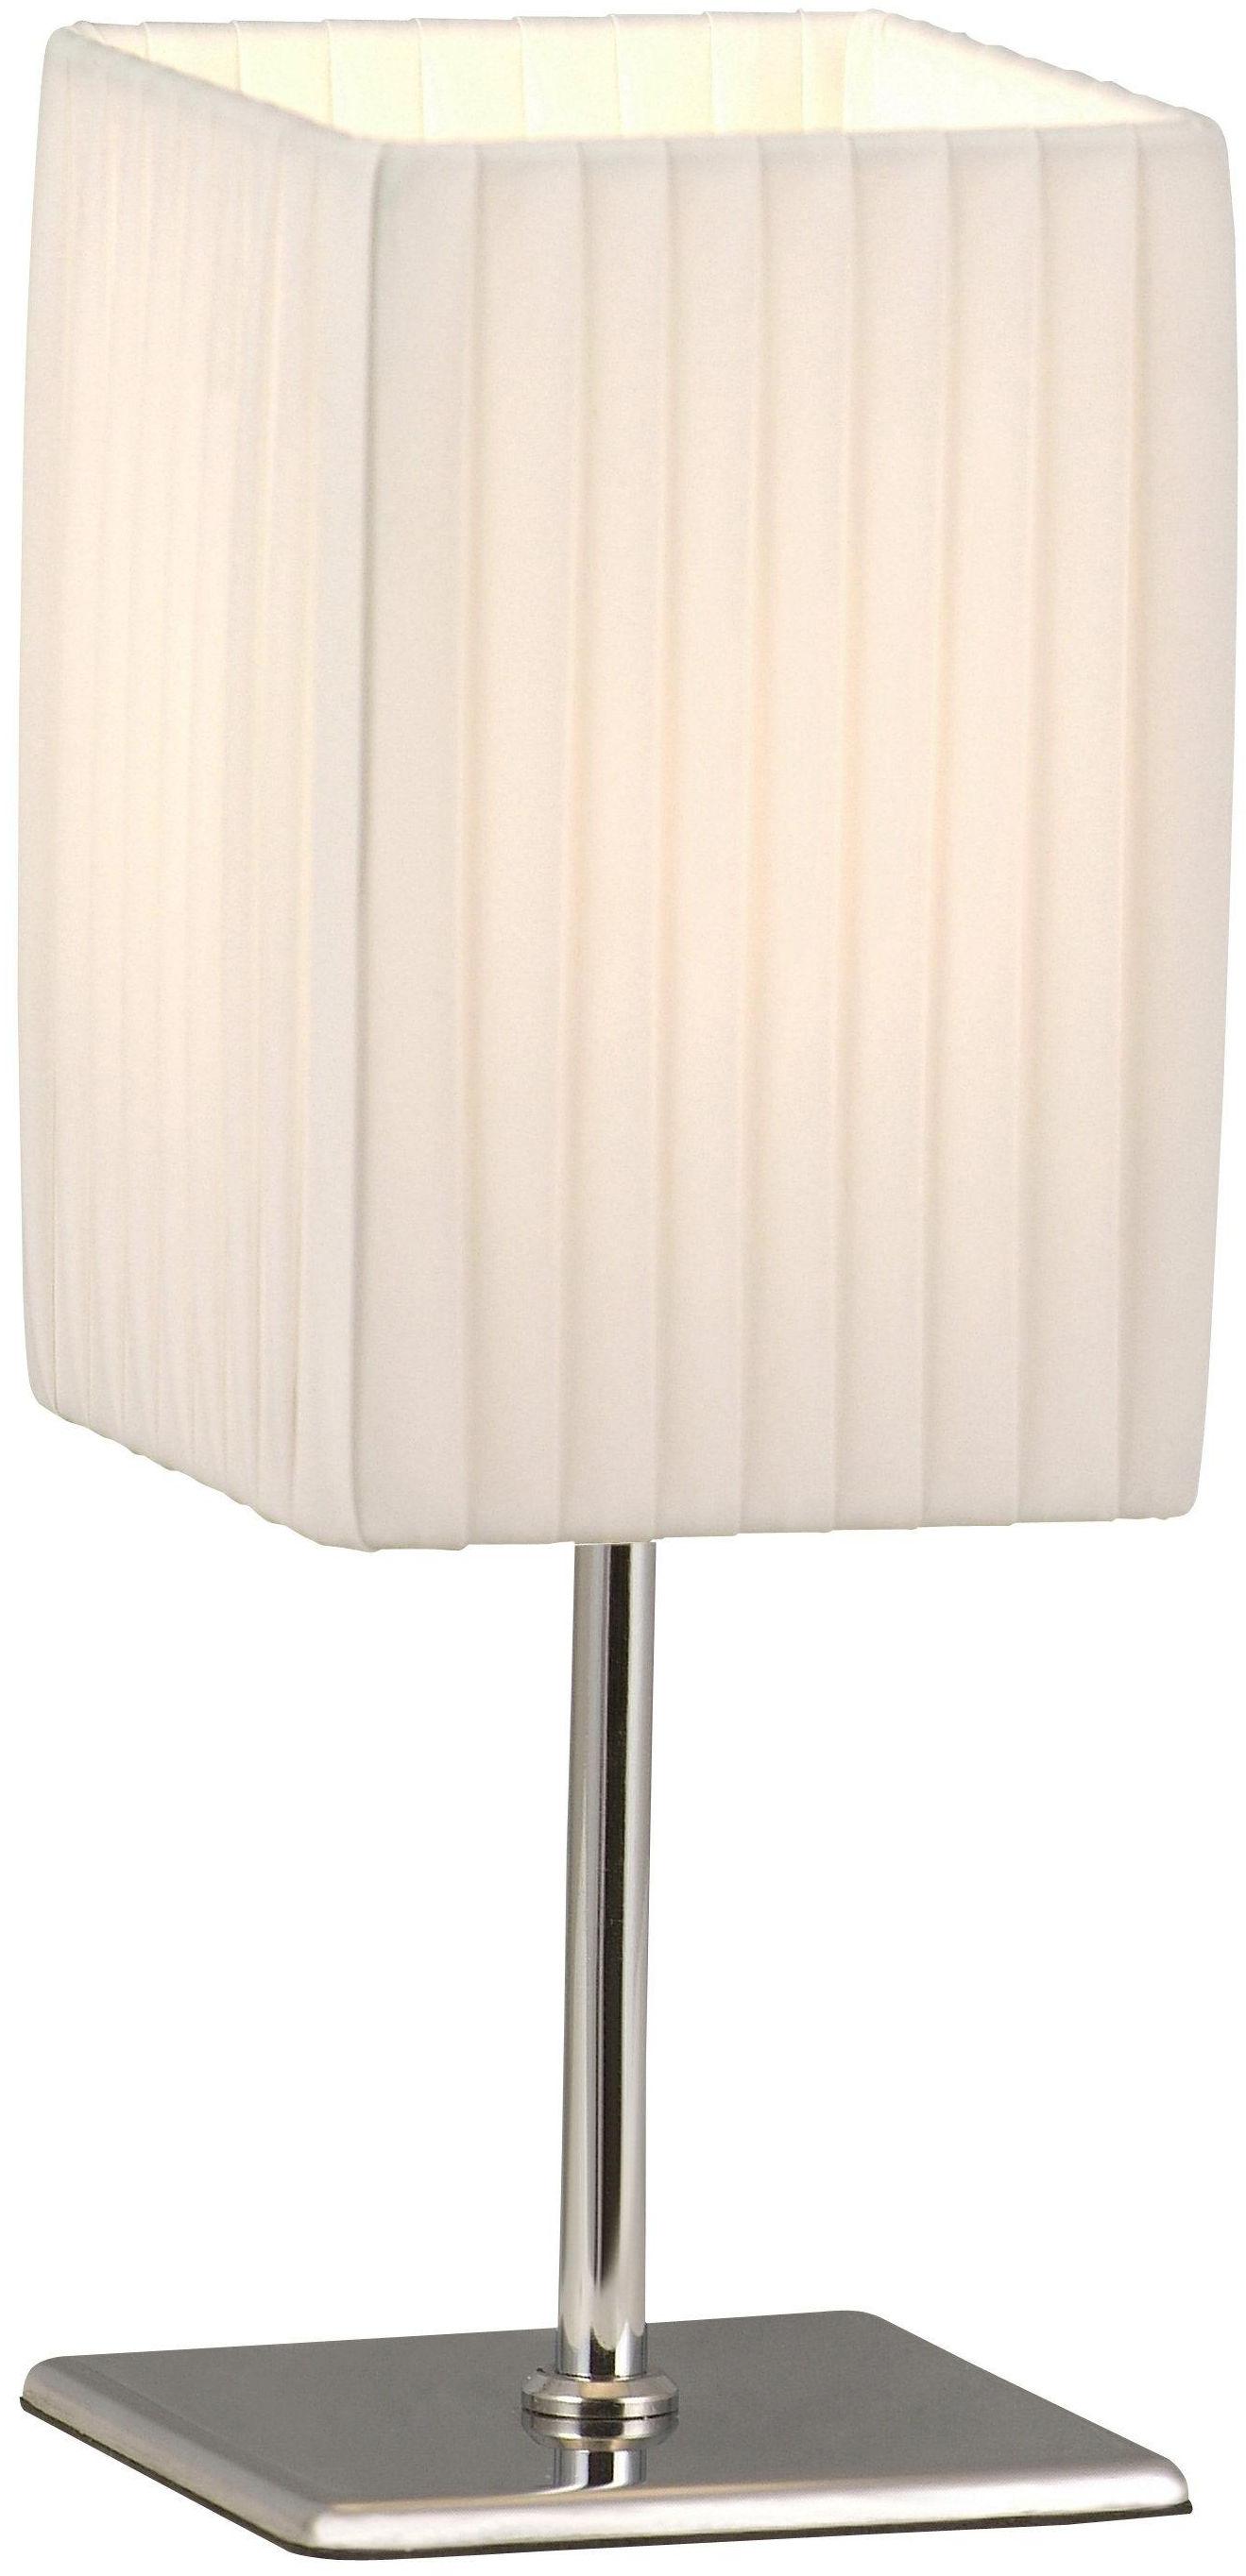 Globo lampa stołowa Bailey 24660 chrom, tkanina biała plisowana